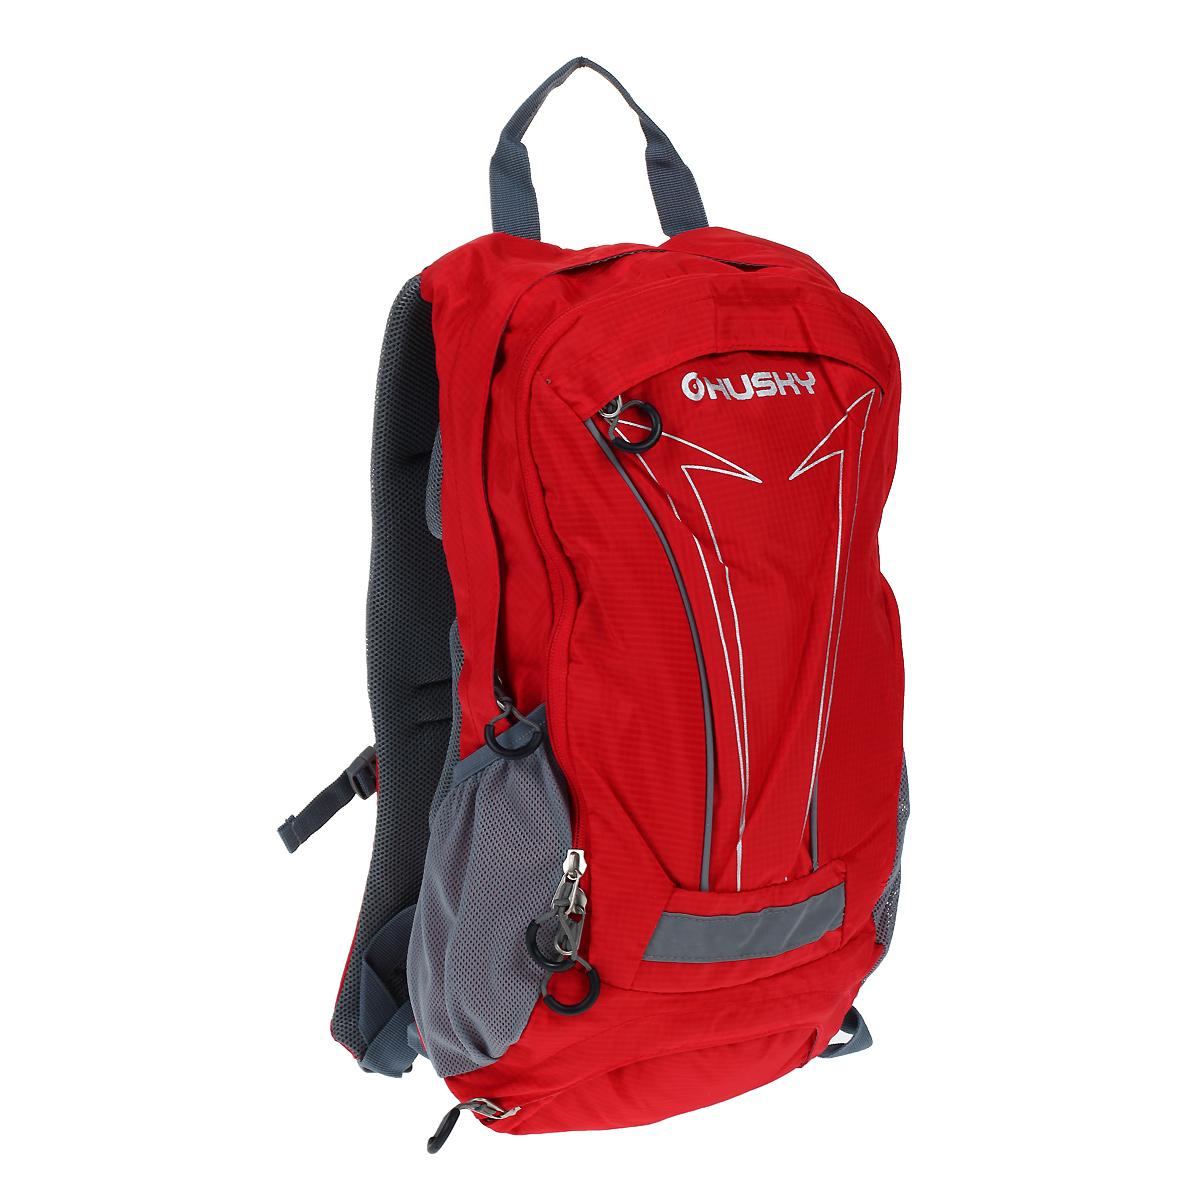 Рюкзак городской Husky Balot 12, цвет: красныйMHDR2G/AУниверсальный рюкзак BALOT подойдет не только для городского ритма жизни, но и еще и для велосипедных прогулок. Сдержанный (почти, однотонный) дизайн, найдет своих сторонников и среди тех, кто любит классические окраски, и среди поклонников яркого дизайна.Особенности:-водонепроницаемая ткань,-система вентиляции спины AMS, -внутренний органайзер,-место для питьевой системы, -накидка от дождя,-боковые карманы-сетки, -светоотражающие элементы.